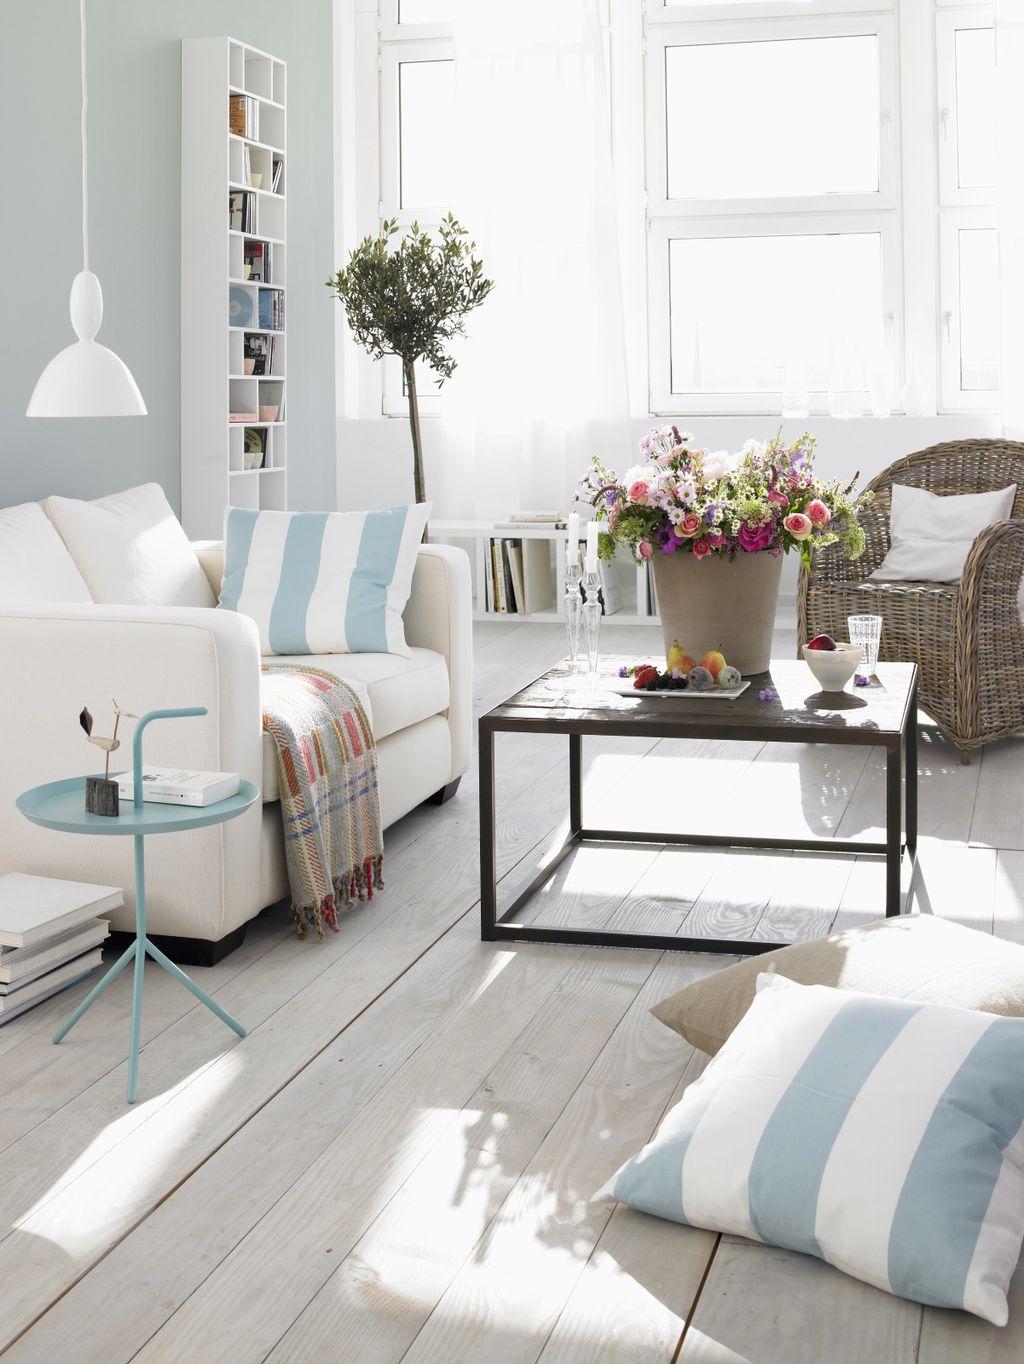 Синие и белые полосы - правильный выбор, если вам нужна гостиная с беззаботной атмосферой летнего дня